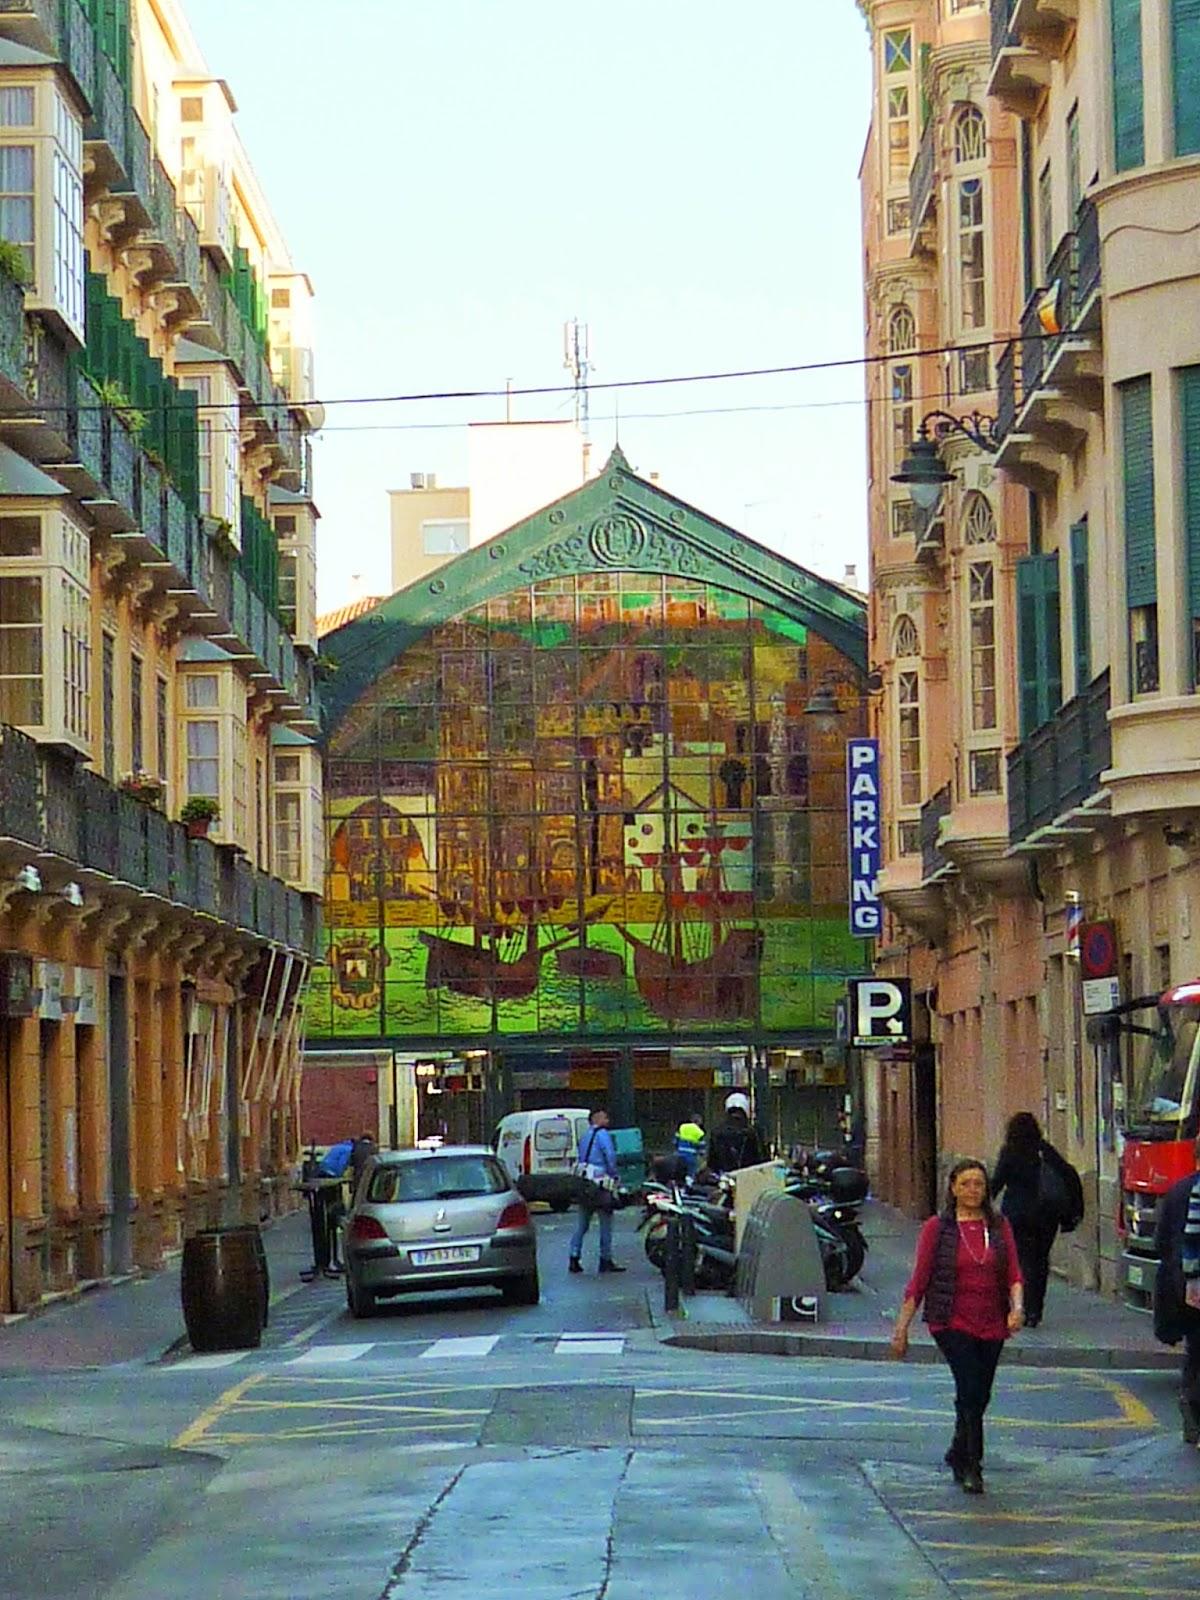 Le marché couvert Atarazanas - Malaga - Espagne